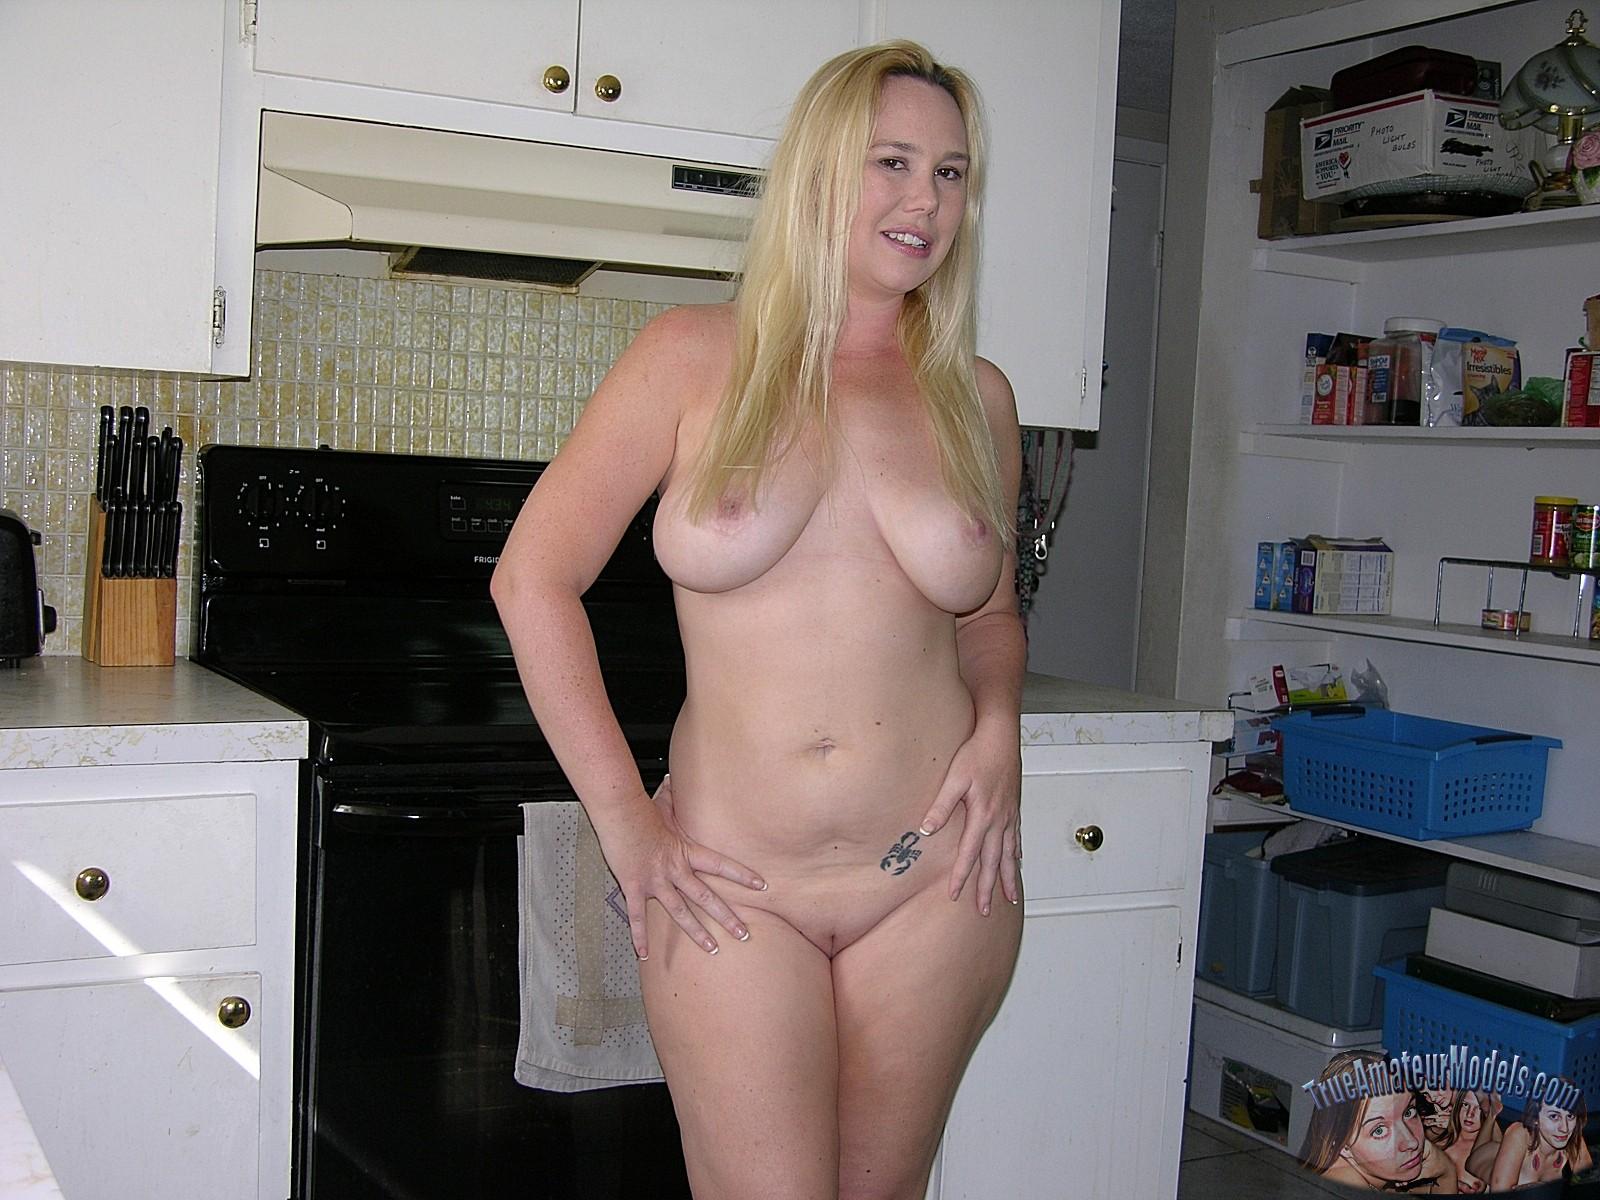 Blonde amateur model pics